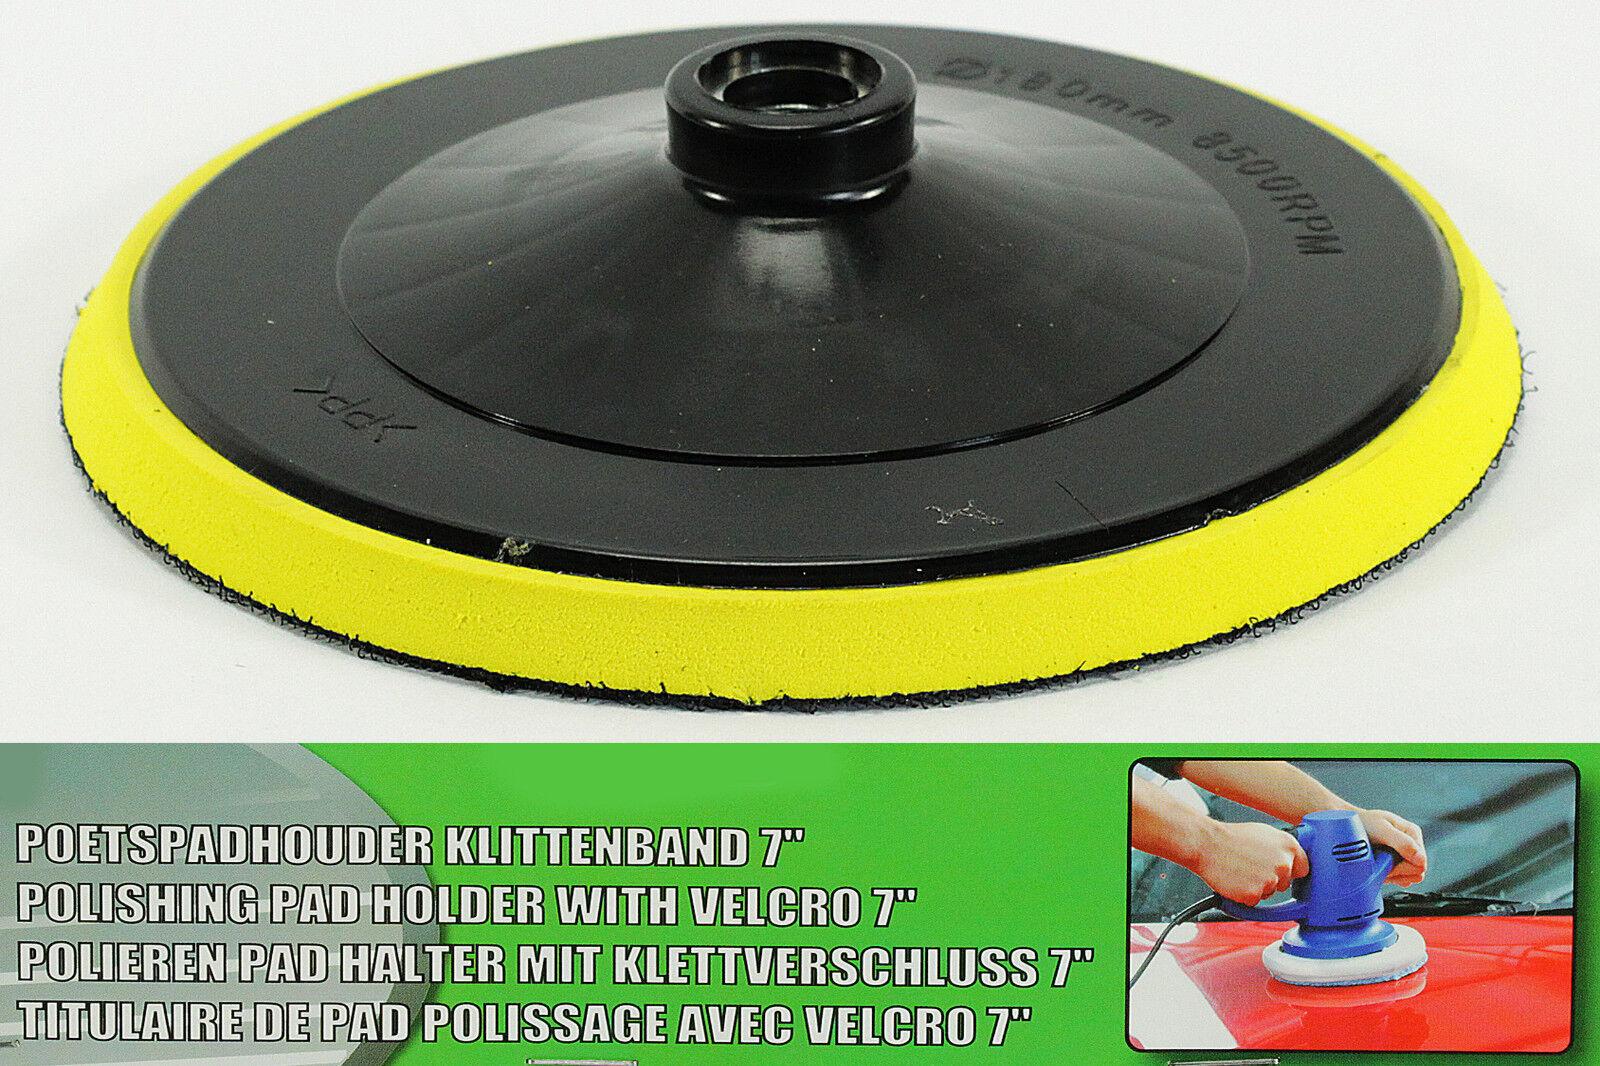 NEU Polierpad  Schleifteller mit Klettverschluss Polierscheibe  ca. 180 mm